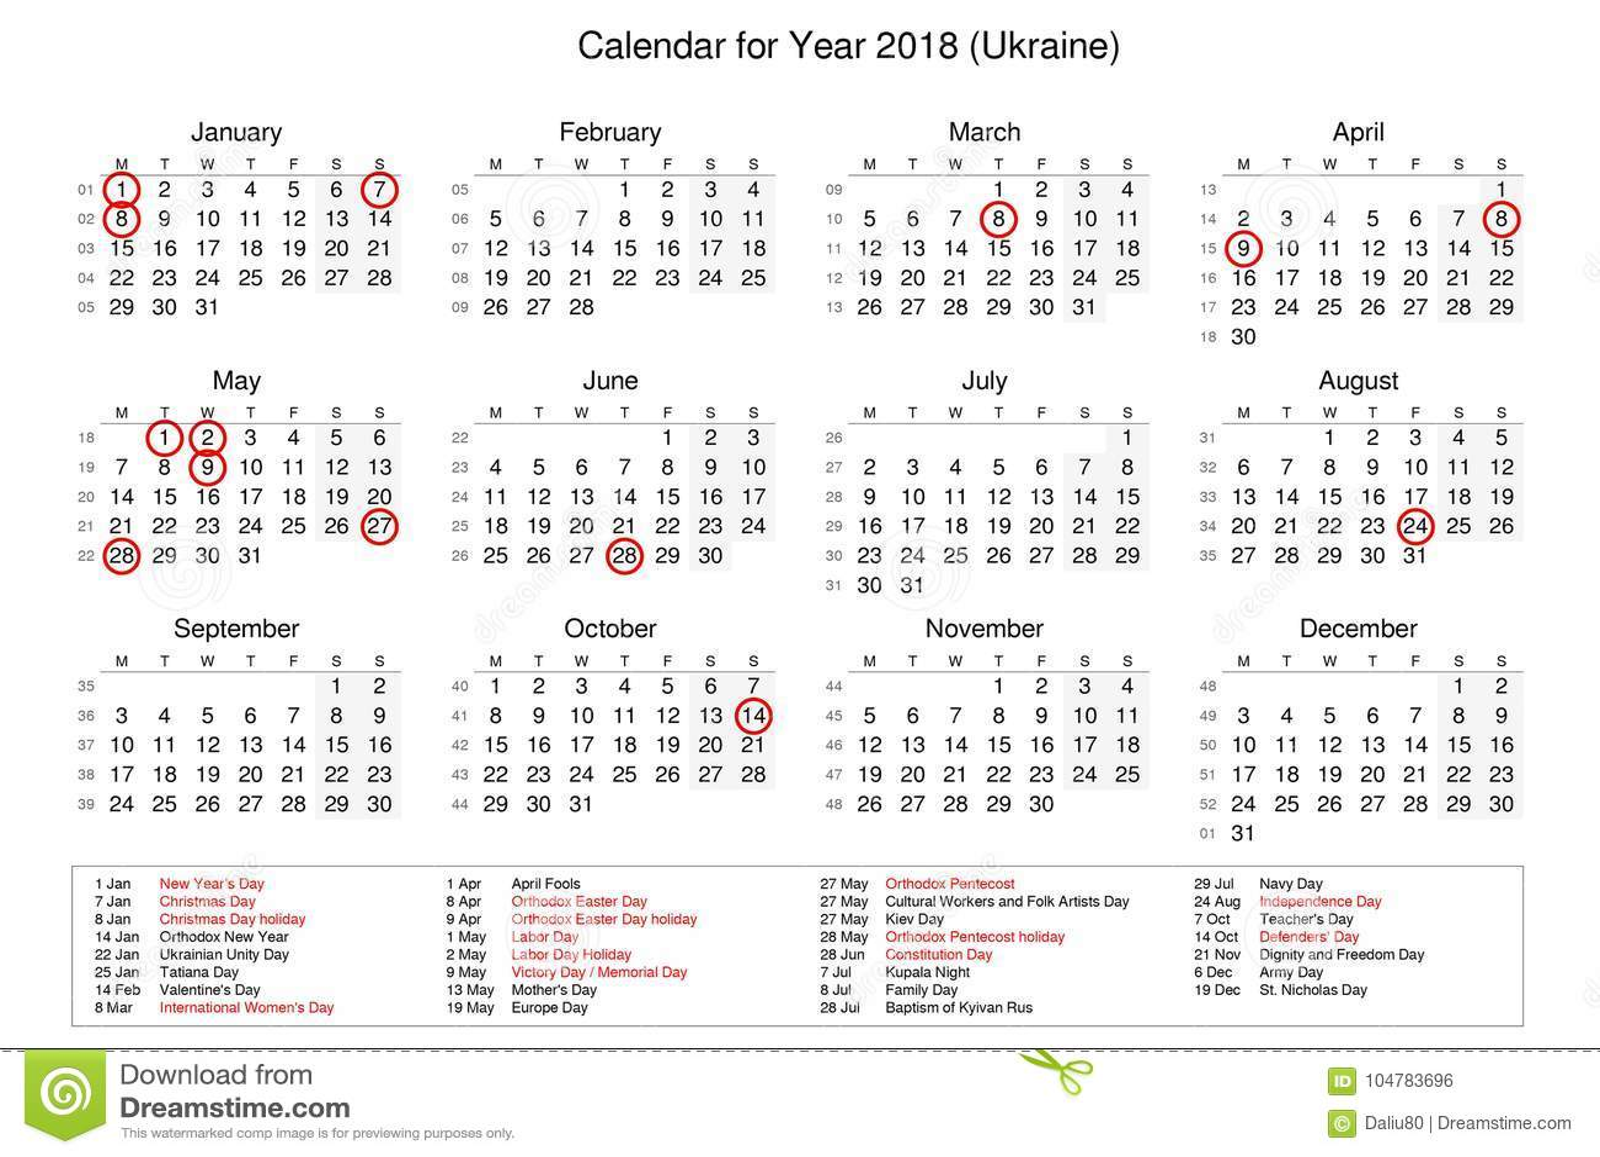 Calendario Nazionali.Calendario Dell Anno 2018 Con Le Feste Nazionali E Le Feste